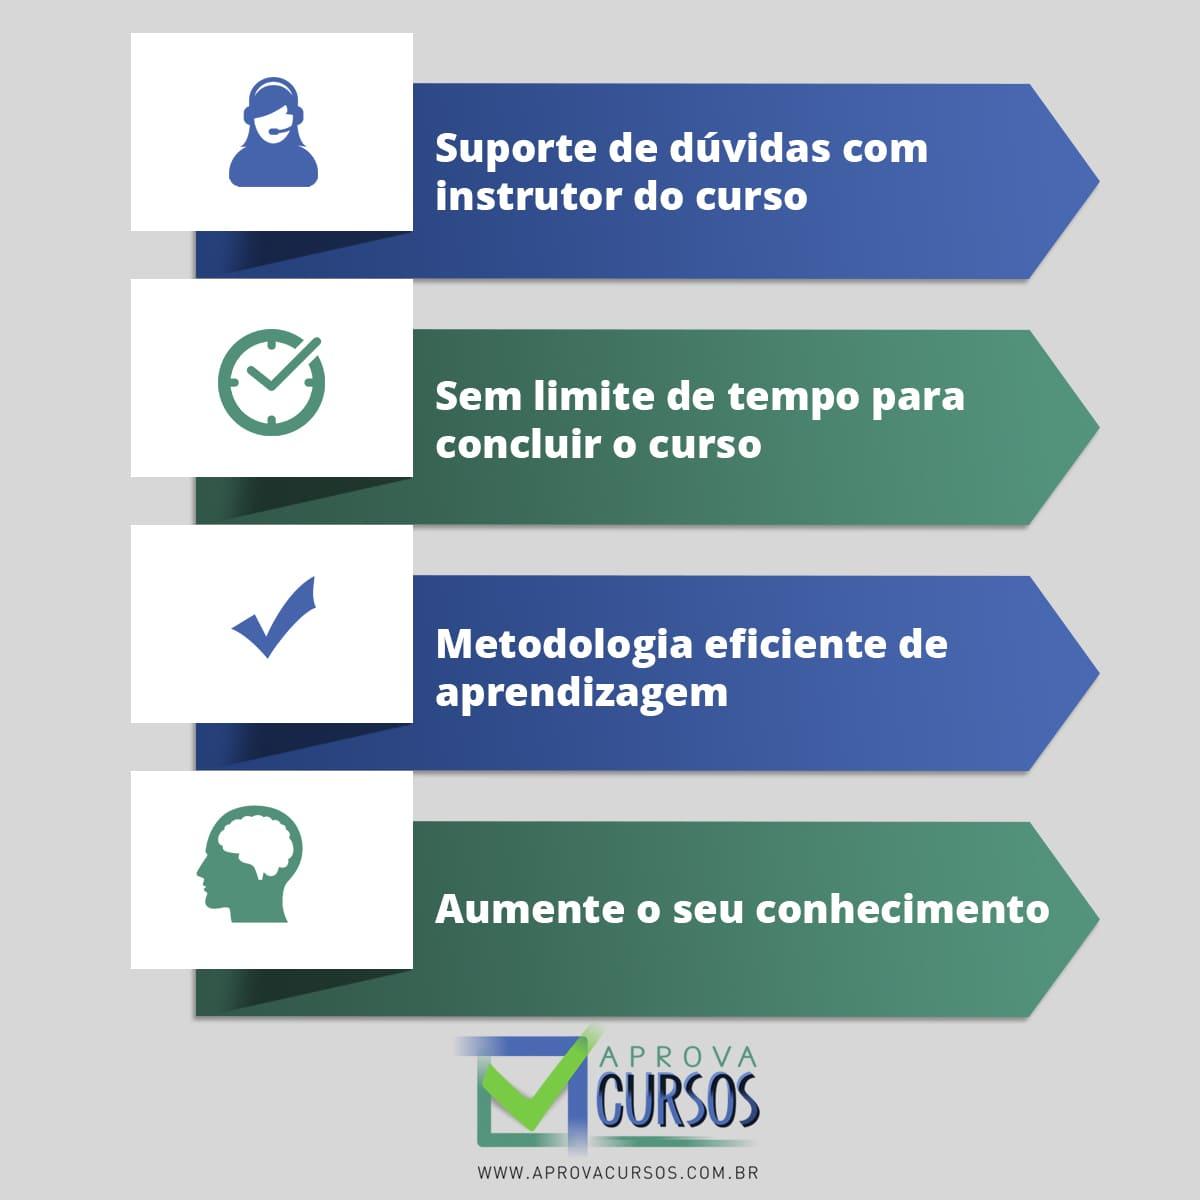 Curso Online de Planejamento e Organização de Eventos com Certificado  - Aprova Cursos